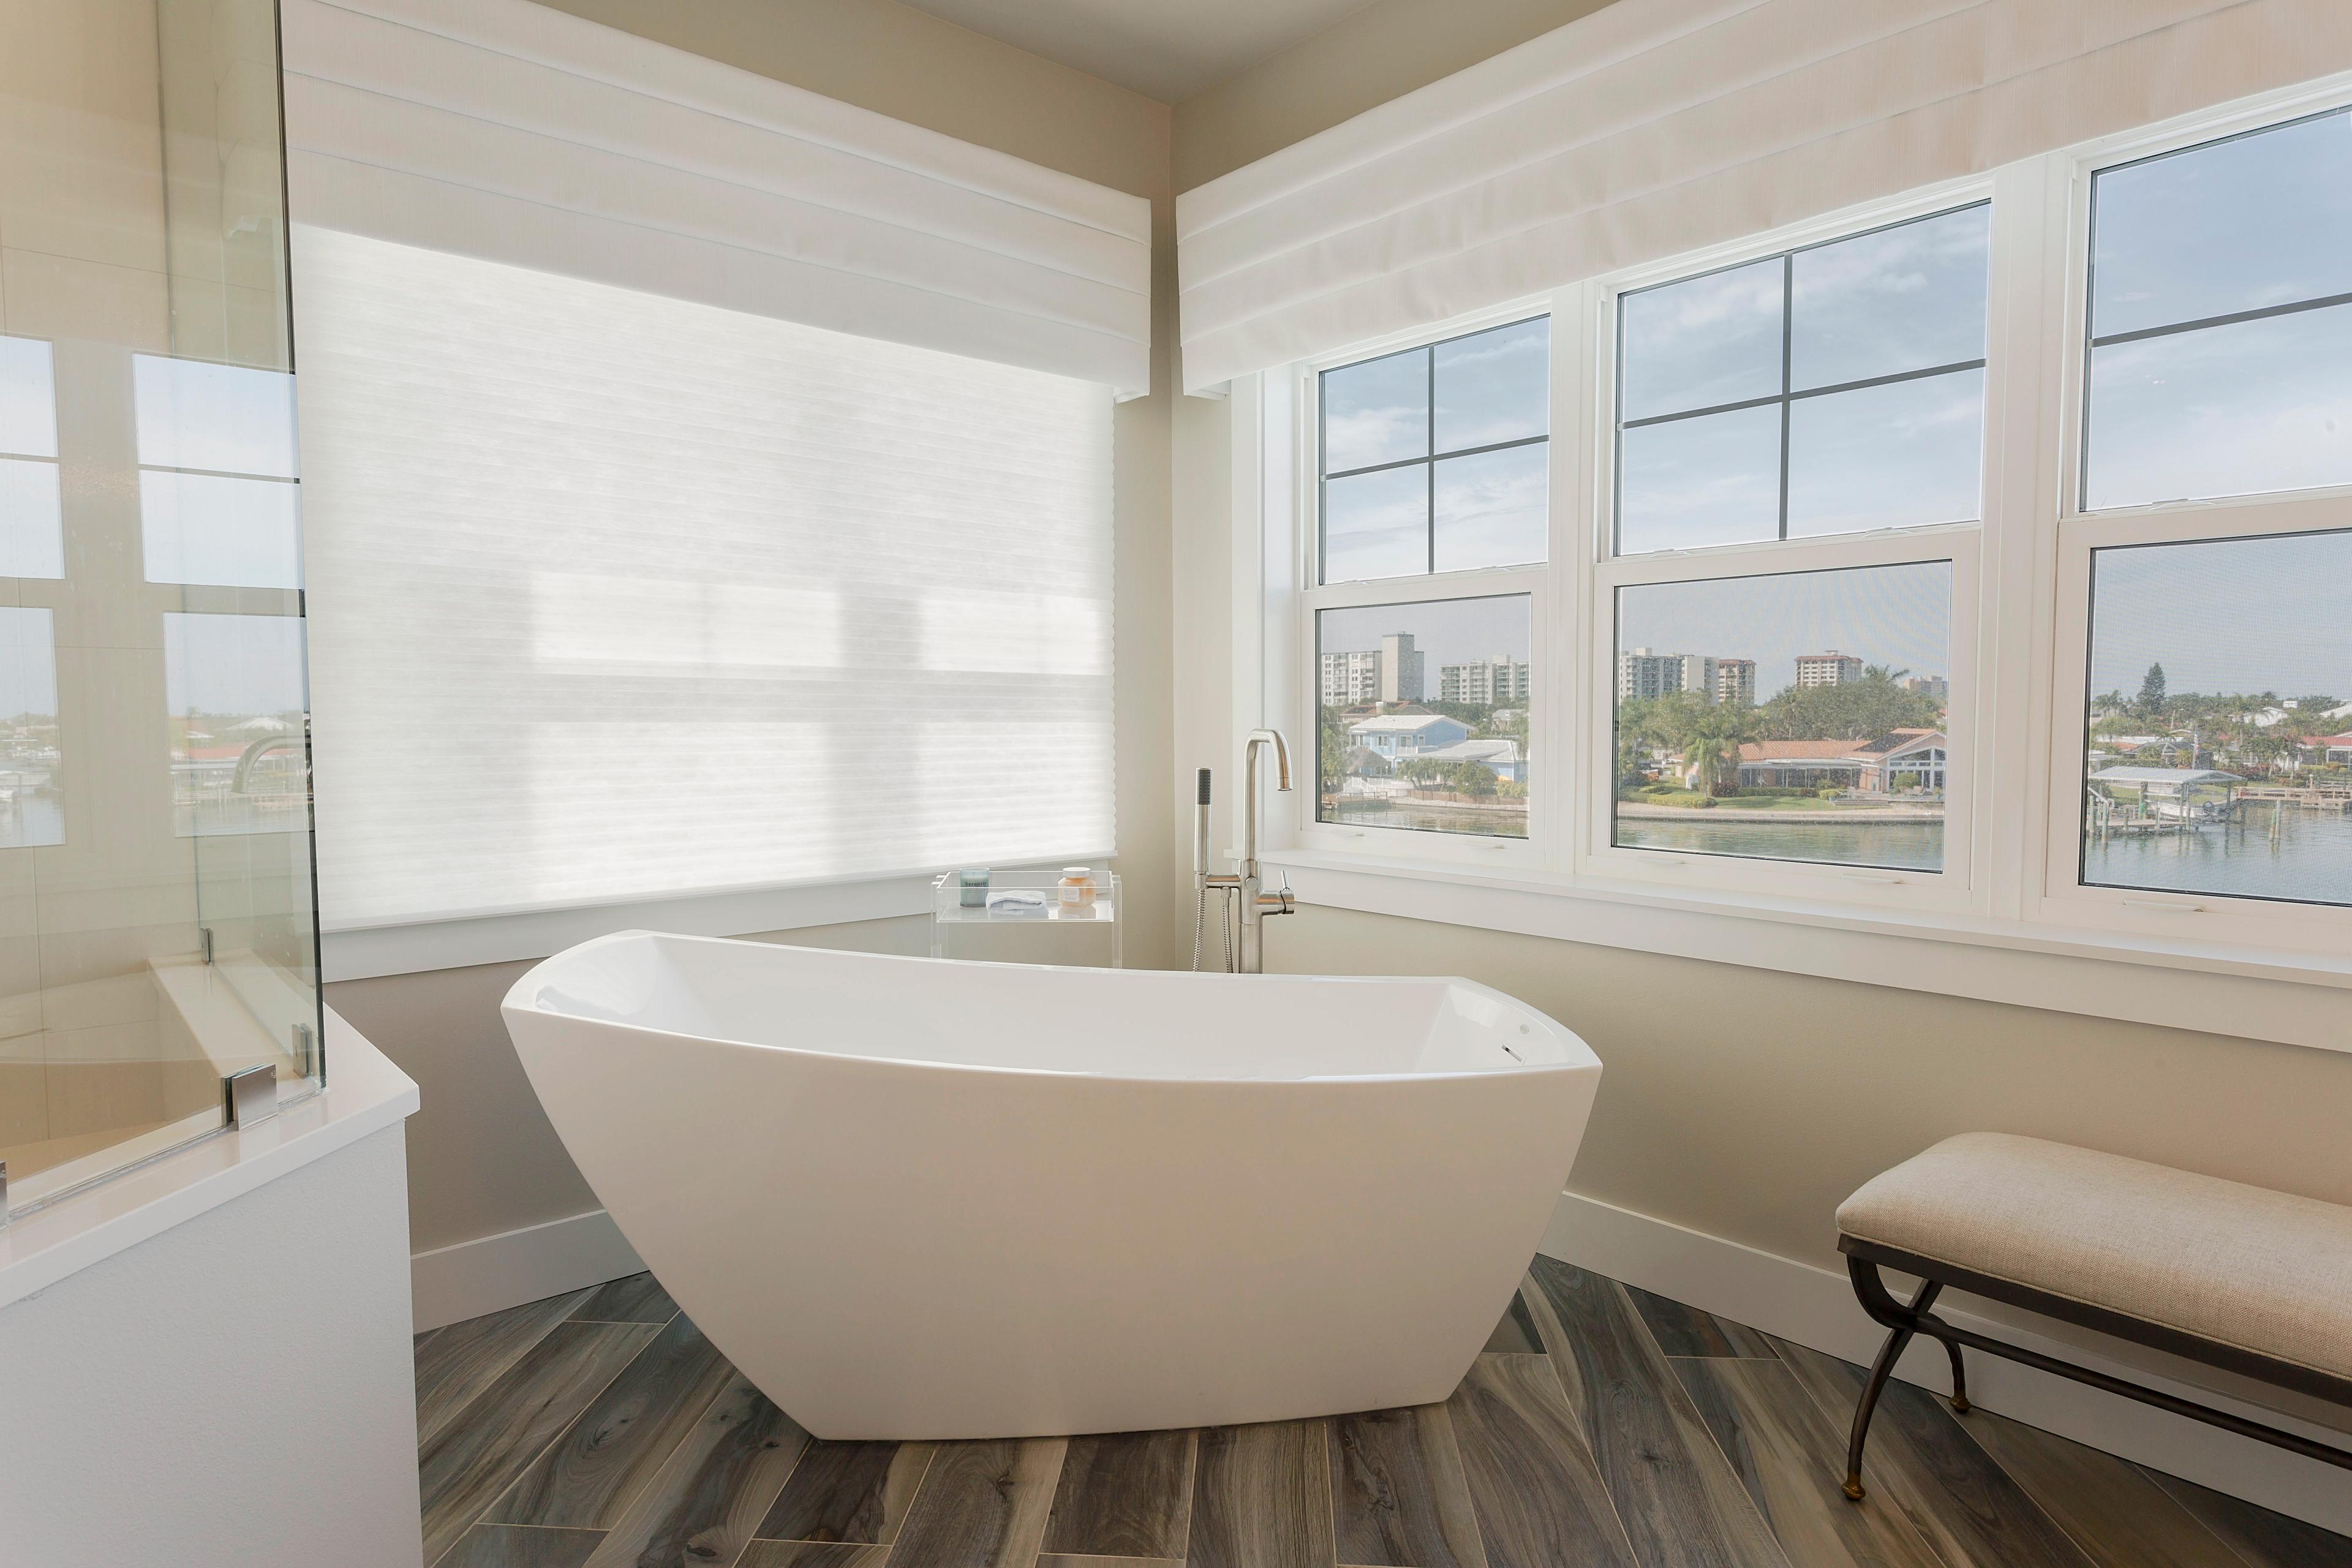 Certified Luxury Builders - Dream Coast Builders - Clearwater, FL - Custom Home